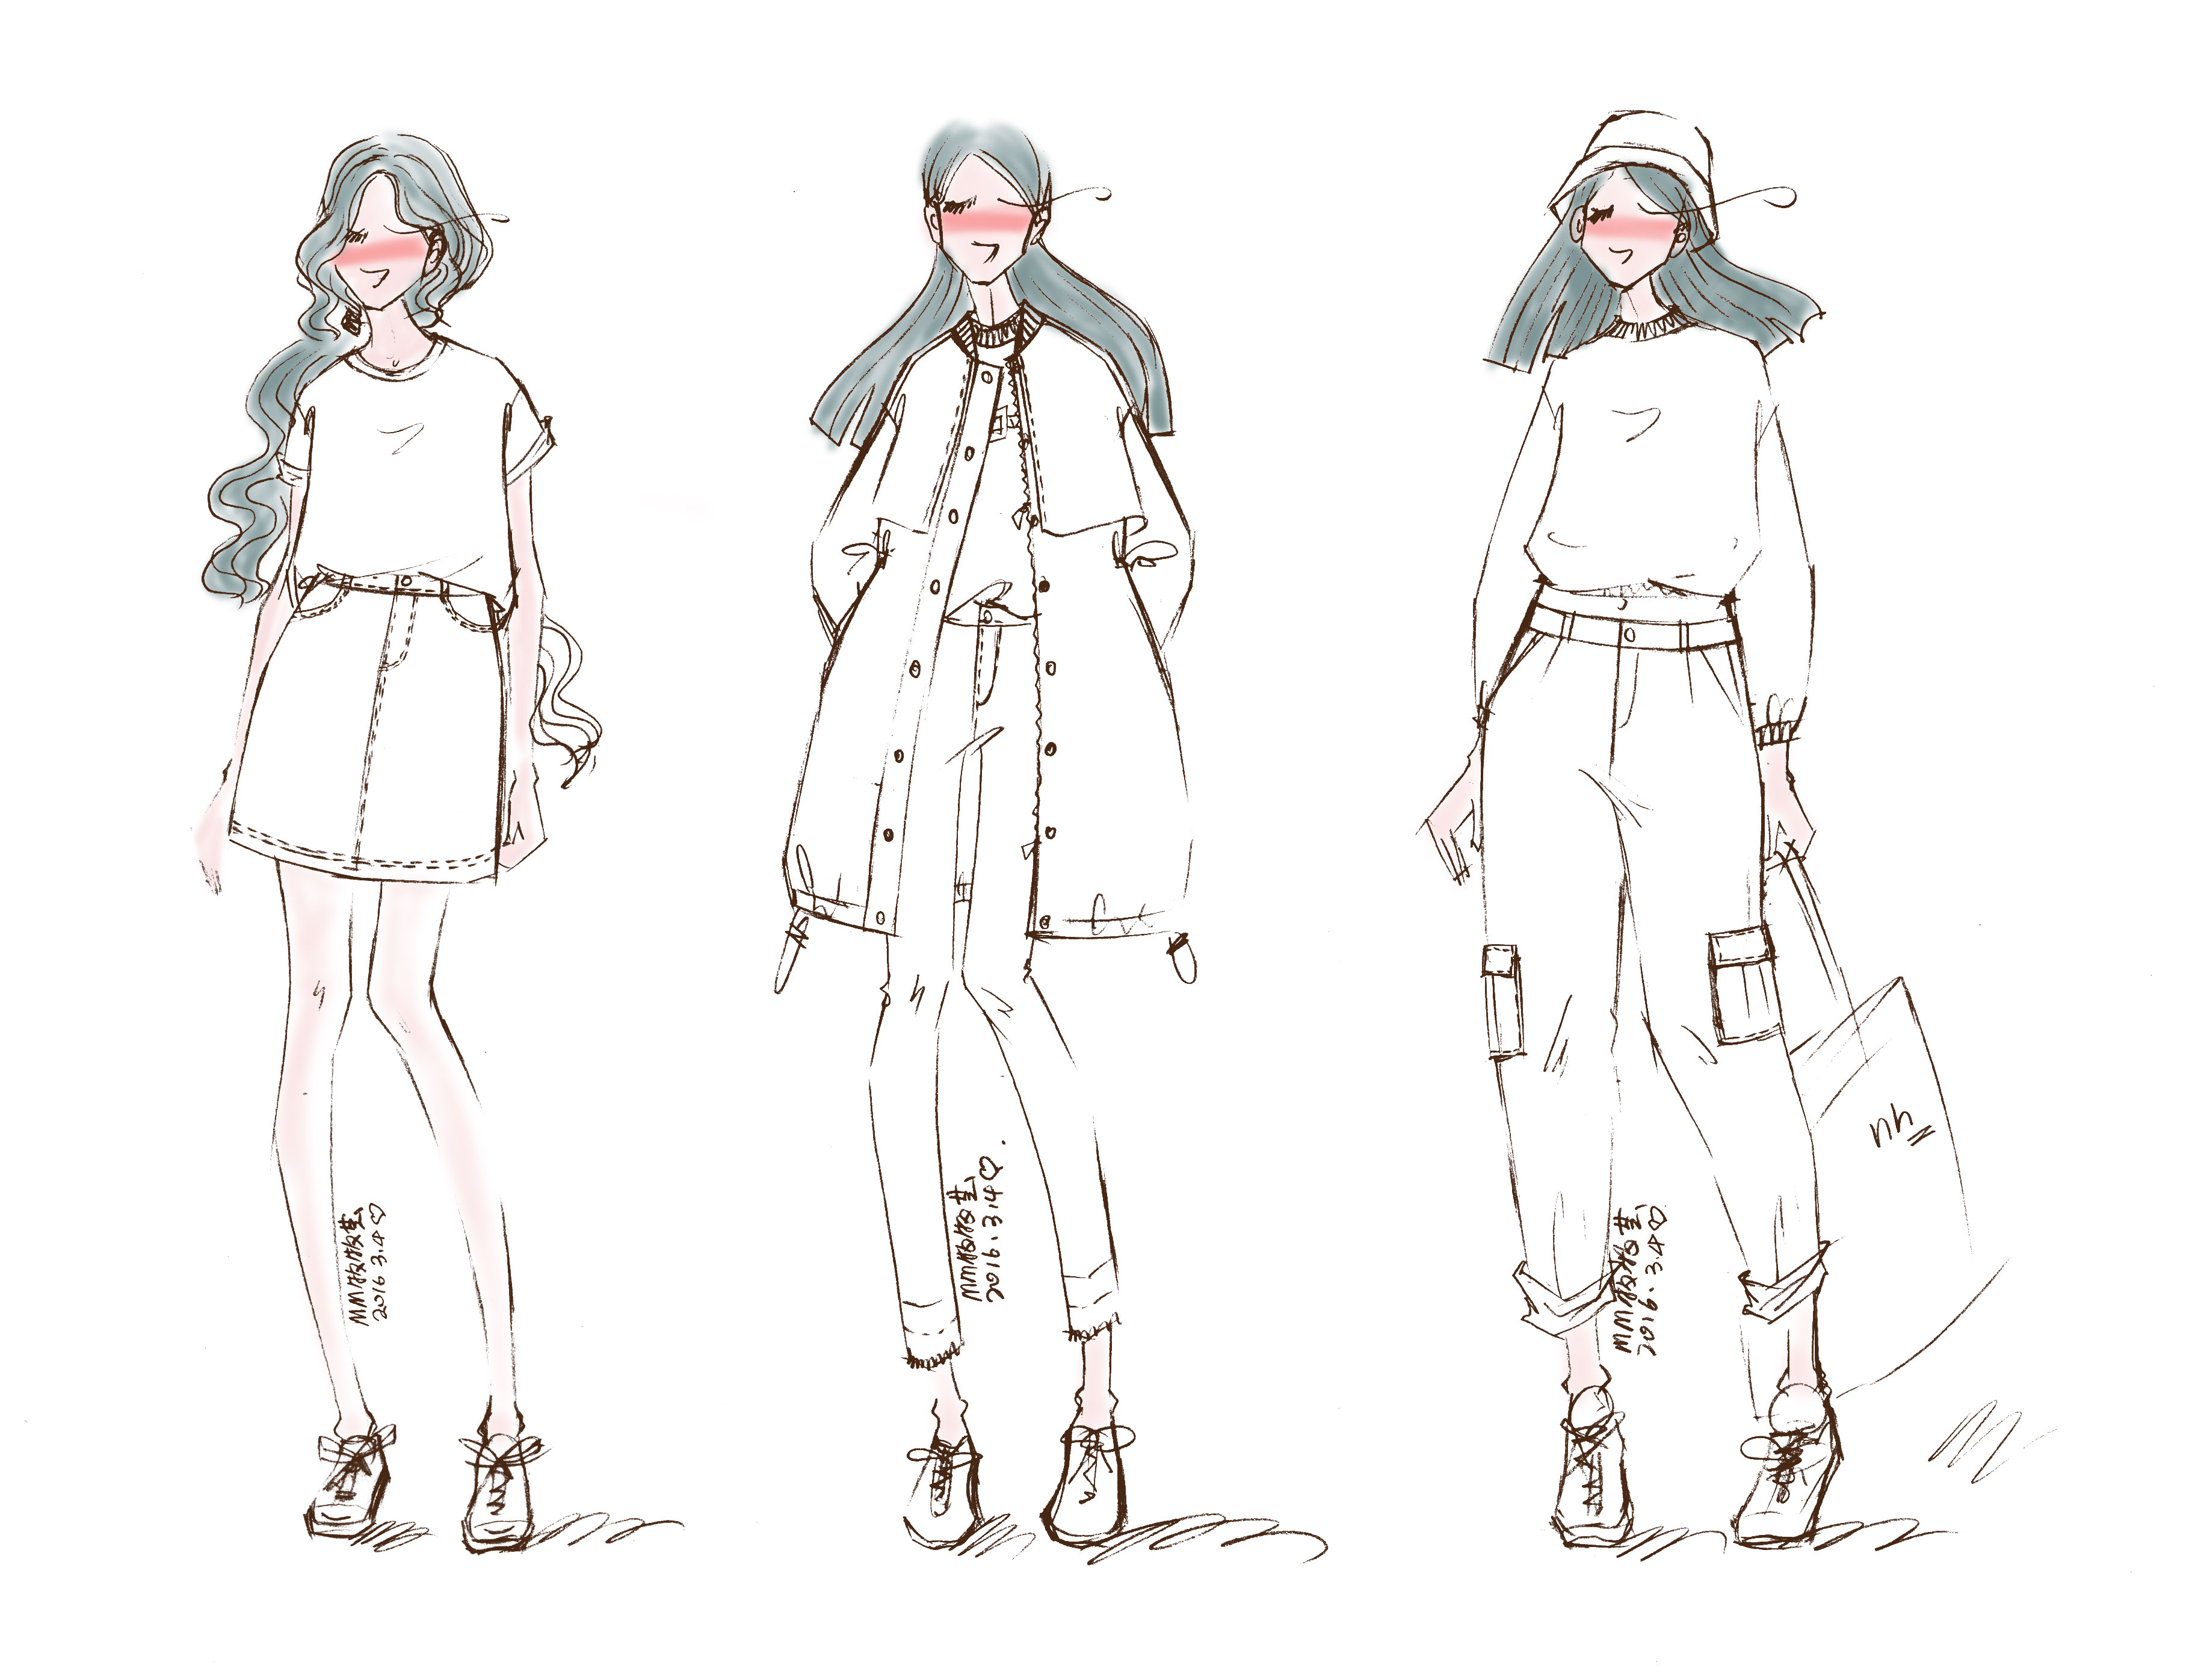 服装设计稿-春篇